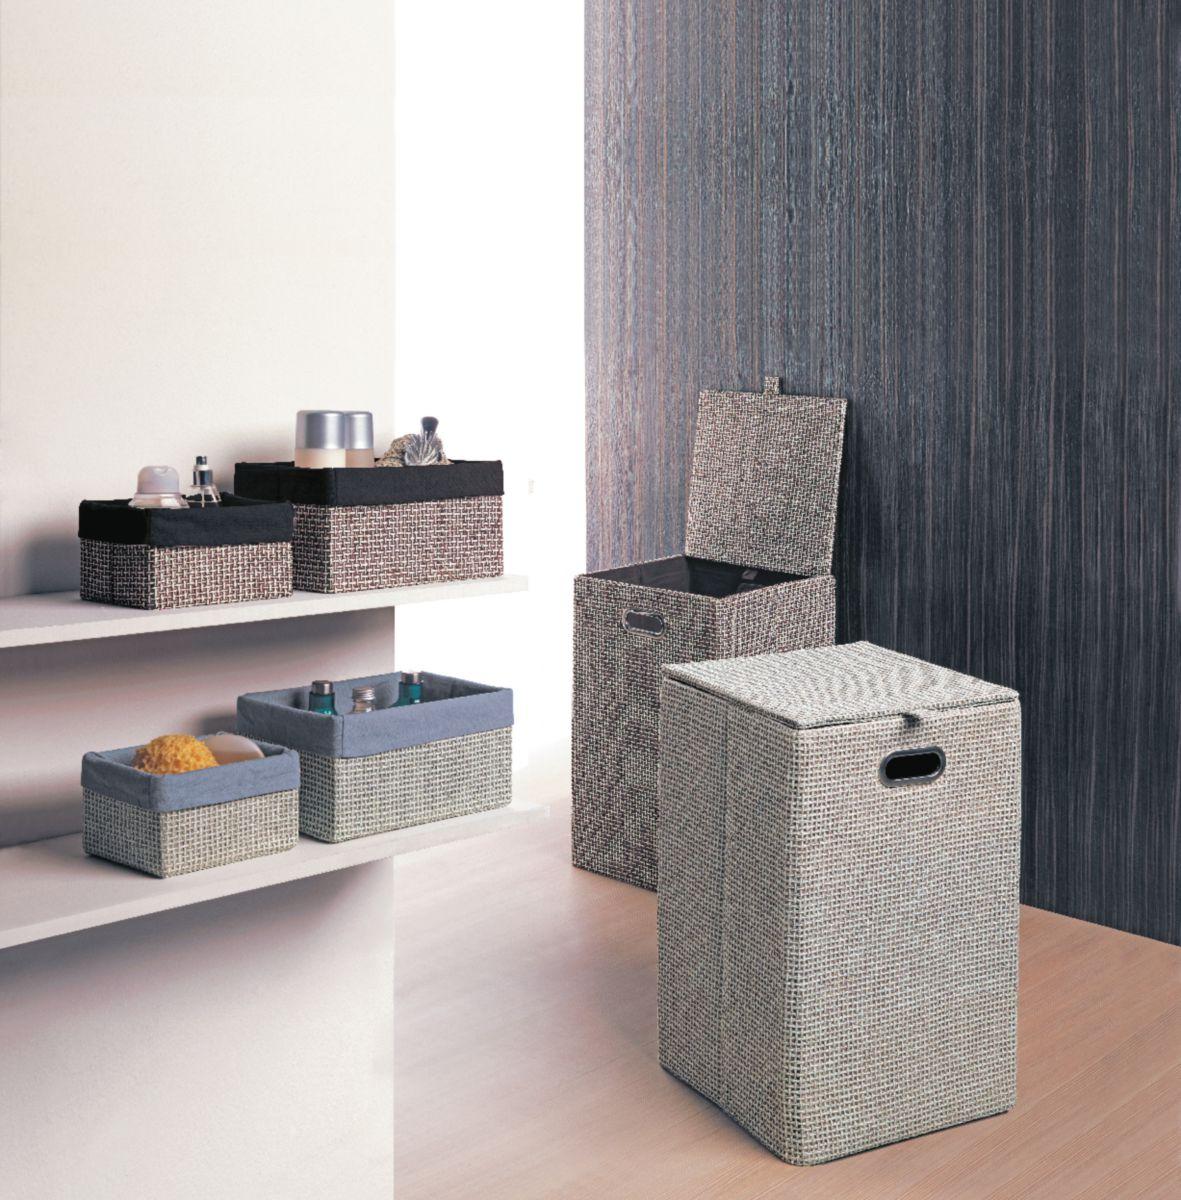 panier linge lavanda envie de salle de bain. Black Bedroom Furniture Sets. Home Design Ideas